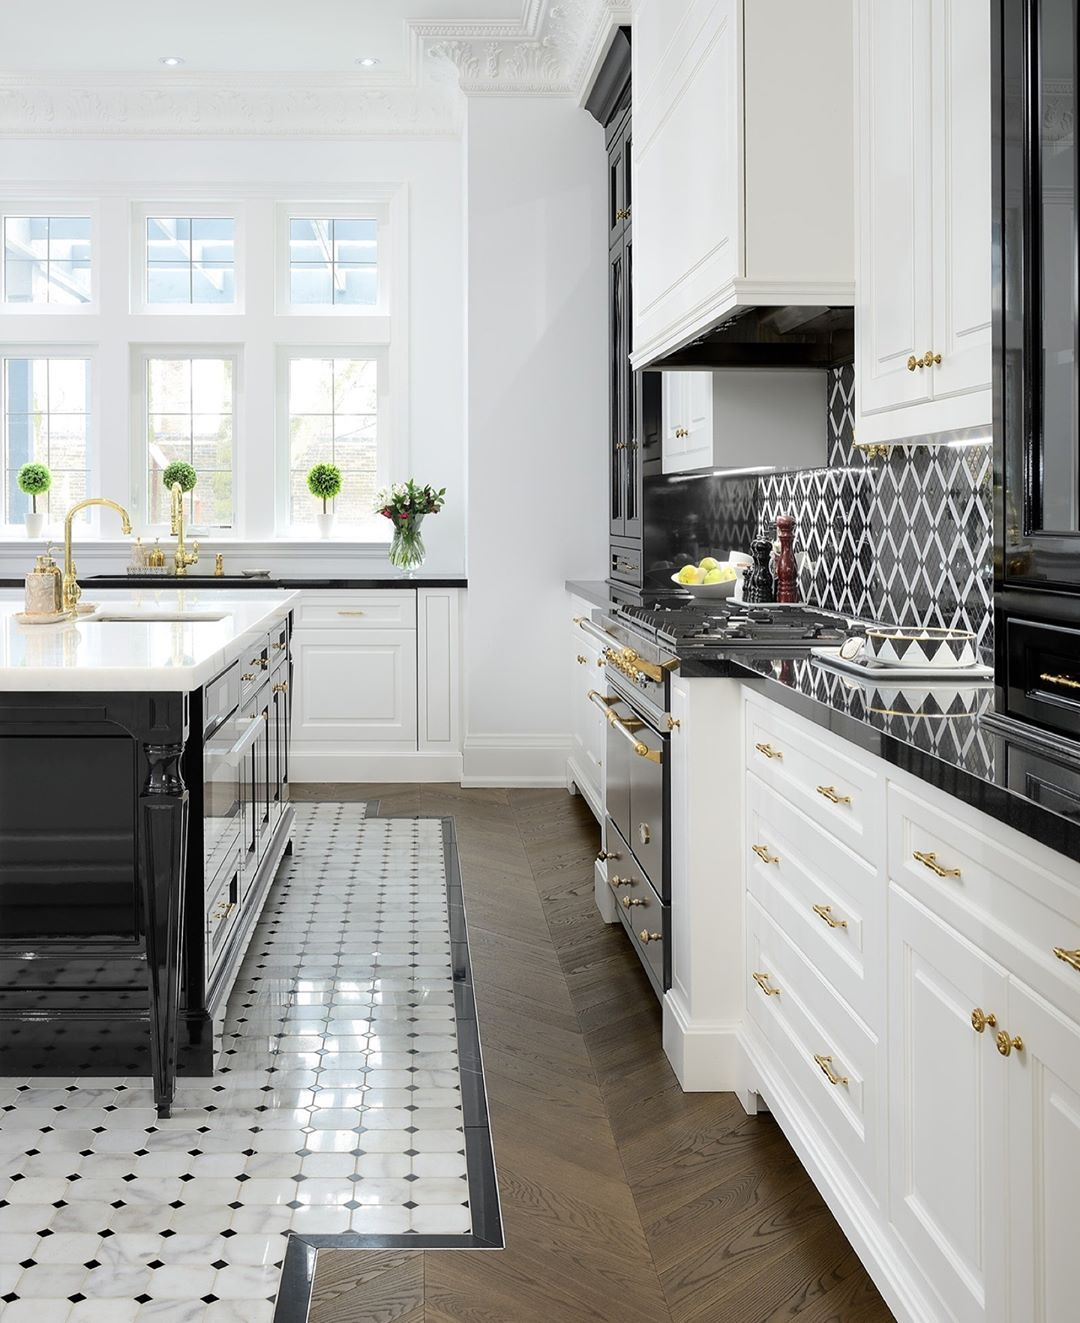 Kitchen Design 2020 Top 5 Kitchen Design Trends 2020 Photo Video